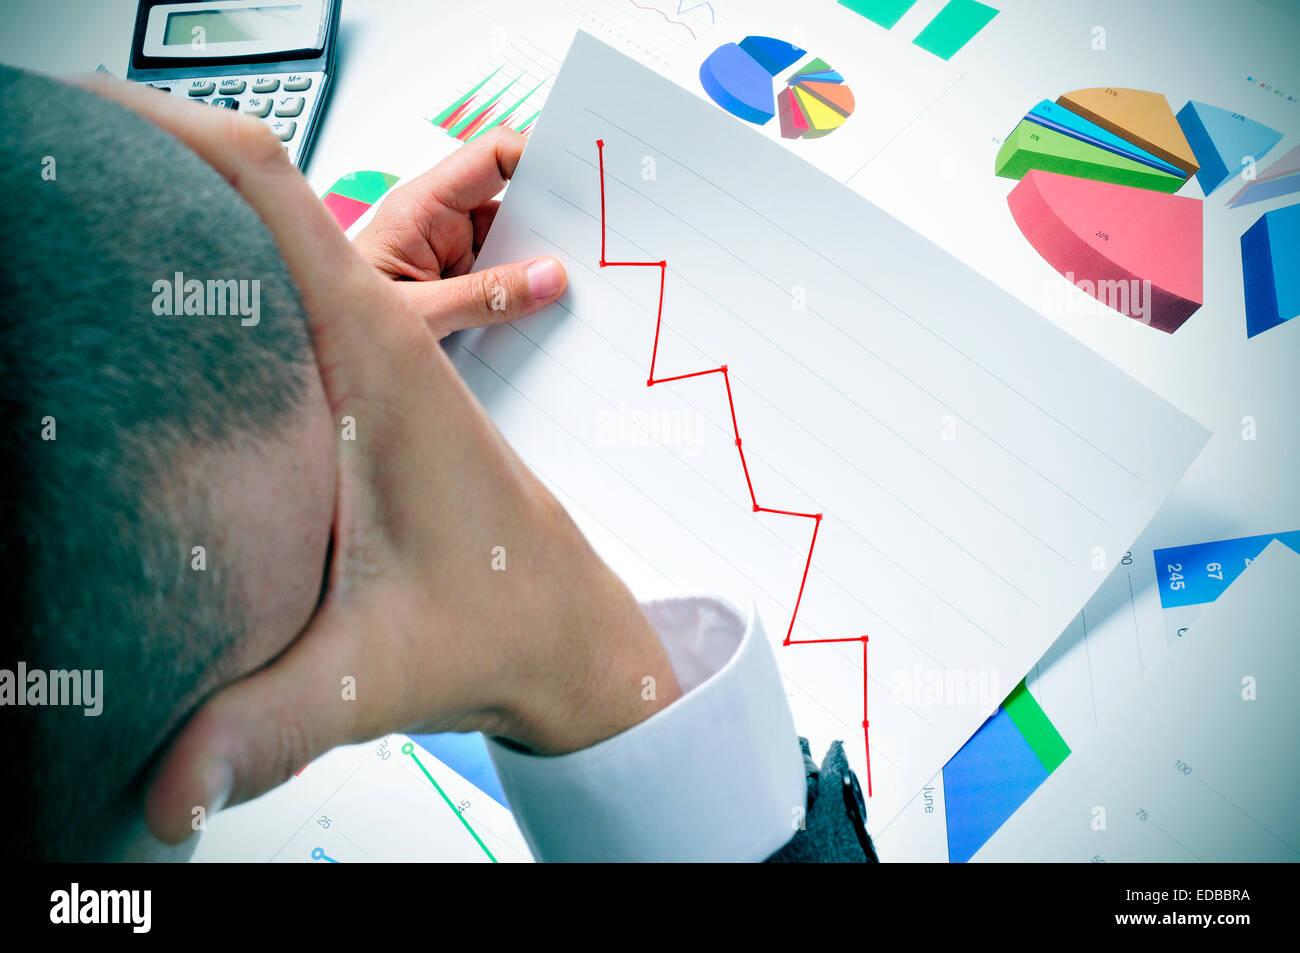 Geschäftsmann in seinem Büroschreibtisch voller Grafiken und Diagramme beobachten besorgt eine Diagramm Stockbild